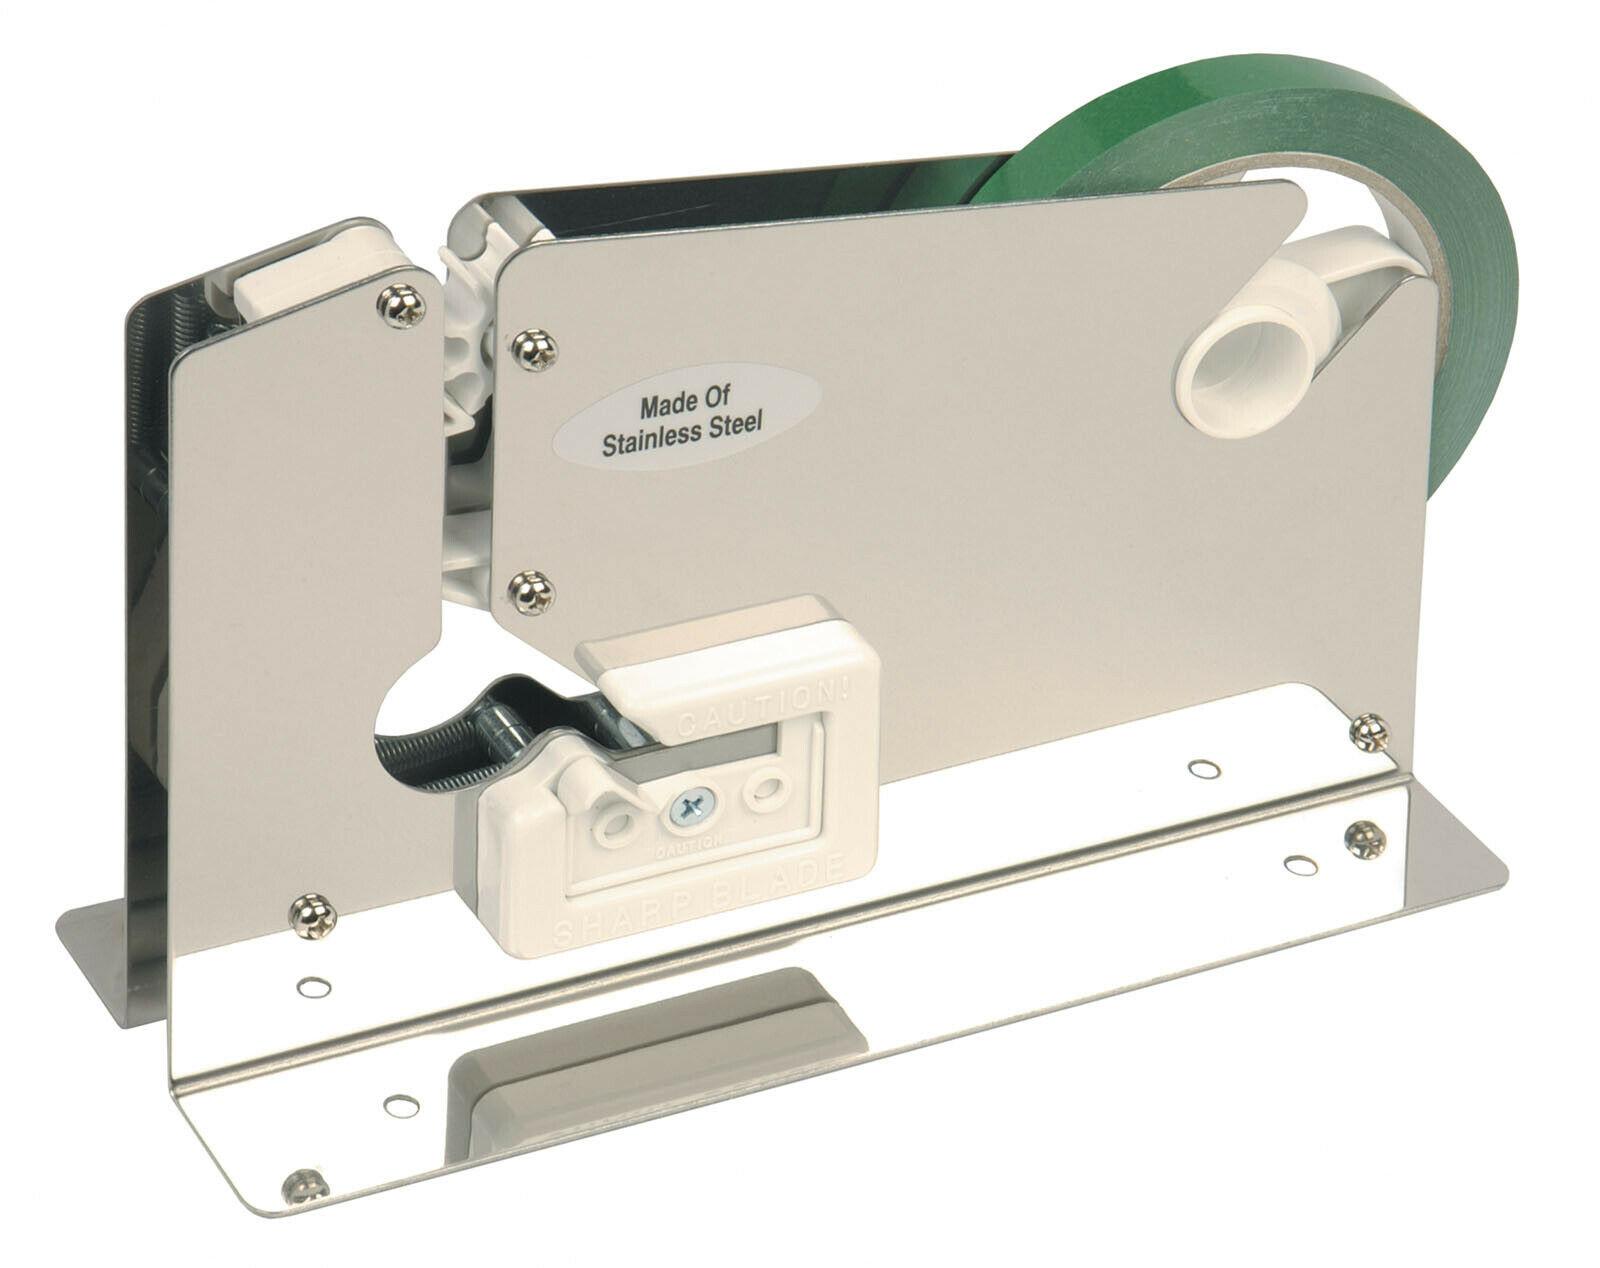 PD223T Stainless Steel Bench Tape Dispenser Bag Neck Sealer for 9mm 12mm Tapes 163719536708 - PD223T Stainless Steel Bench Tape Dispenser Bag Neck Sealer for 9mm 12mm Tapes